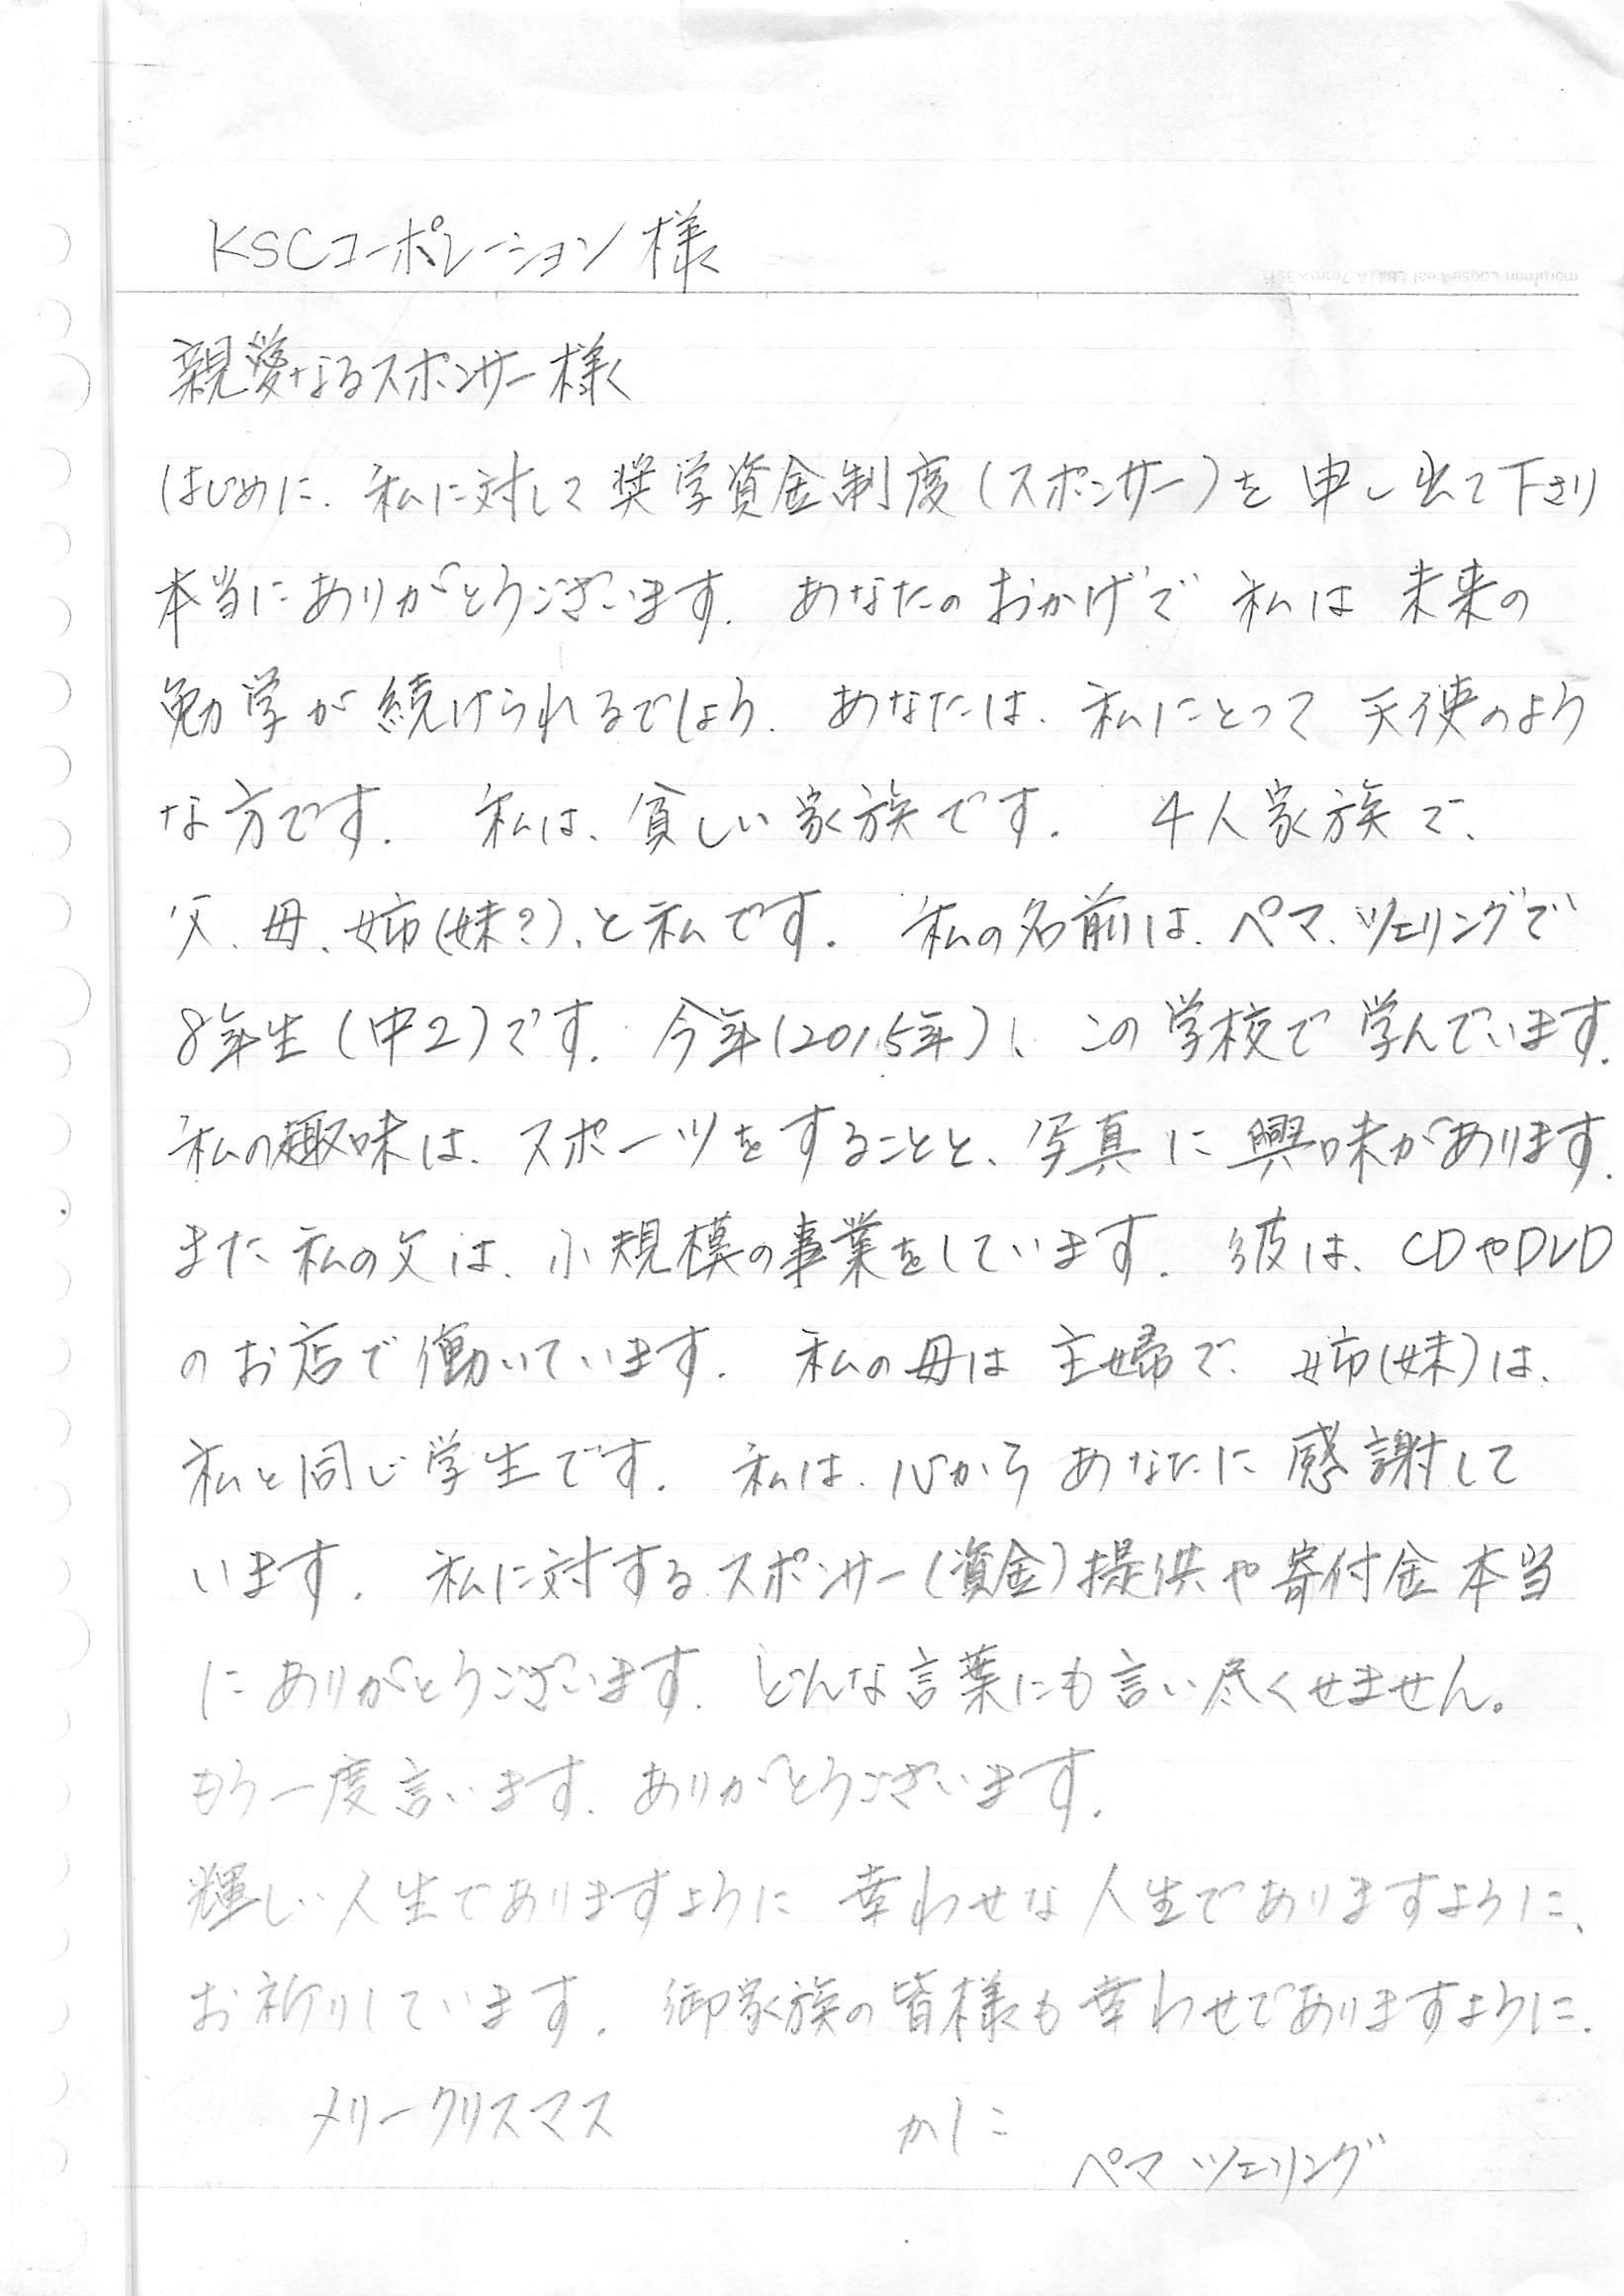 チベットからの手紙